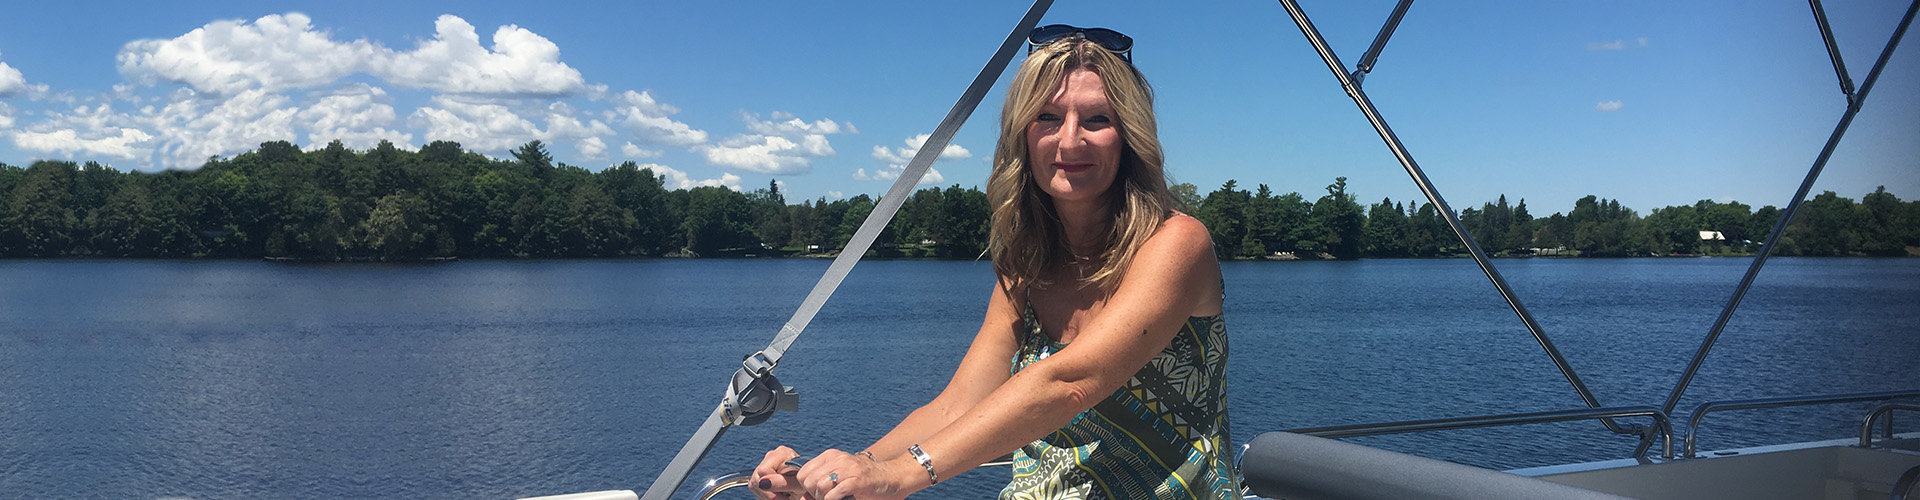 Cheryl Brown   Amministratore delegato   Le Boat